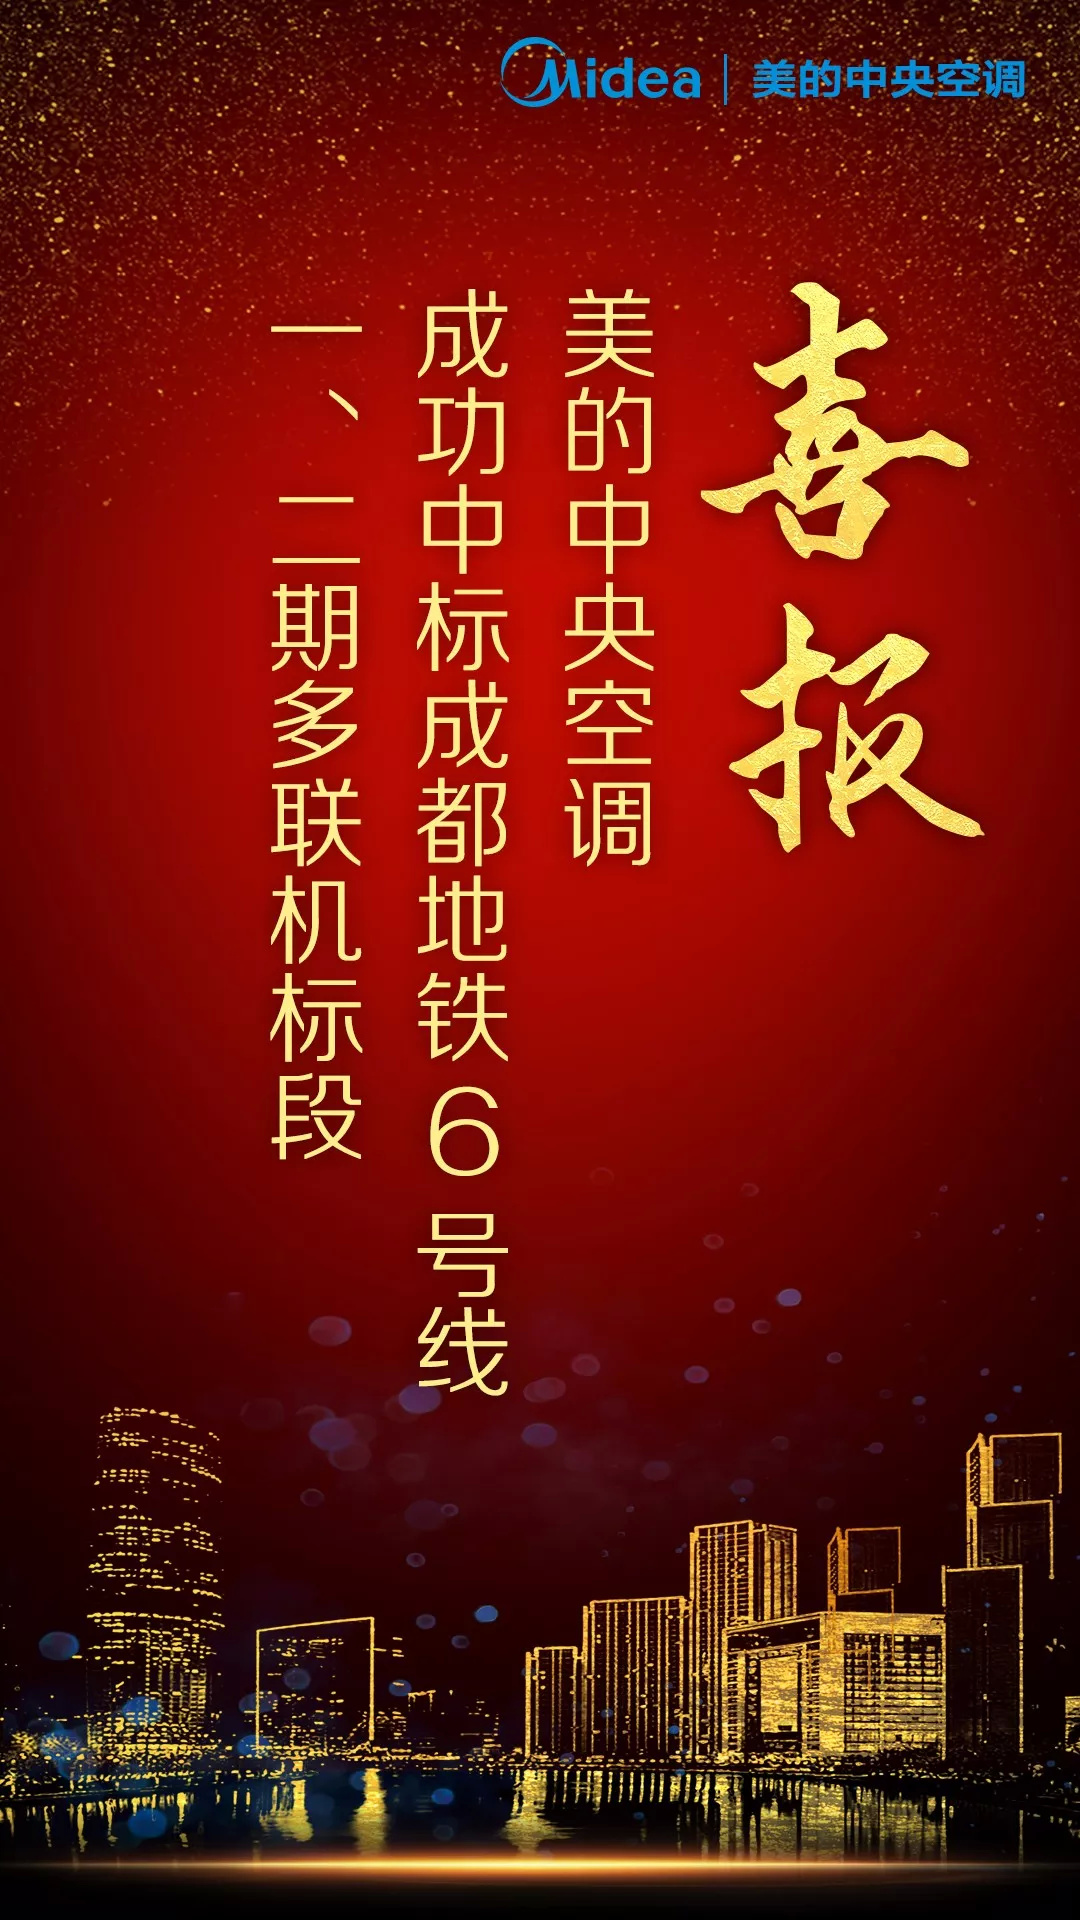 中国人寿成功中标保险资金首单基金类轨道交通地铁PPP项目   中国...